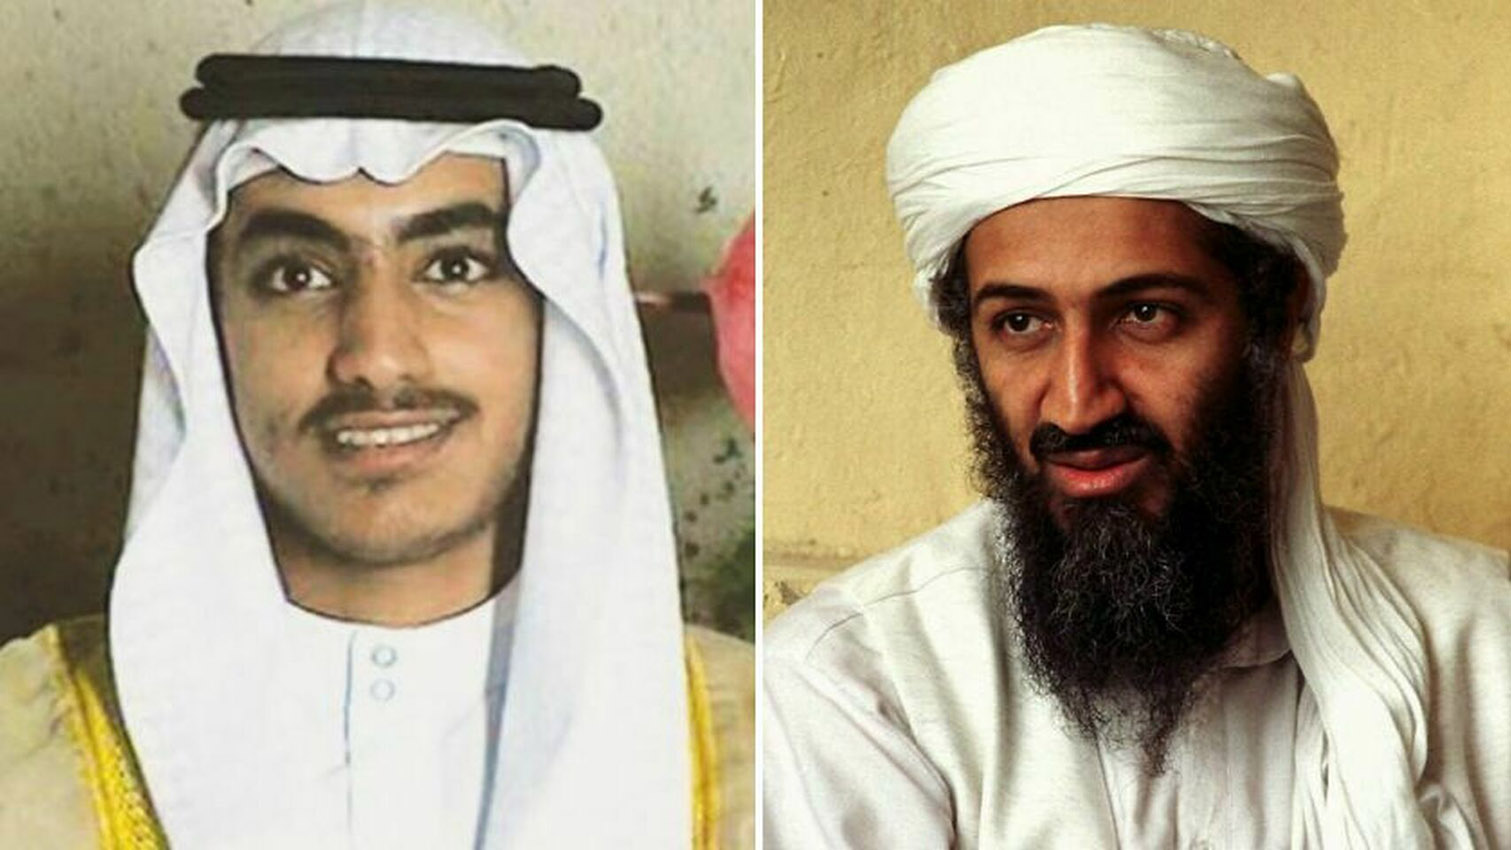 Estados Unidos tiene informaciones sobre muerte del hijo de Bin Laden